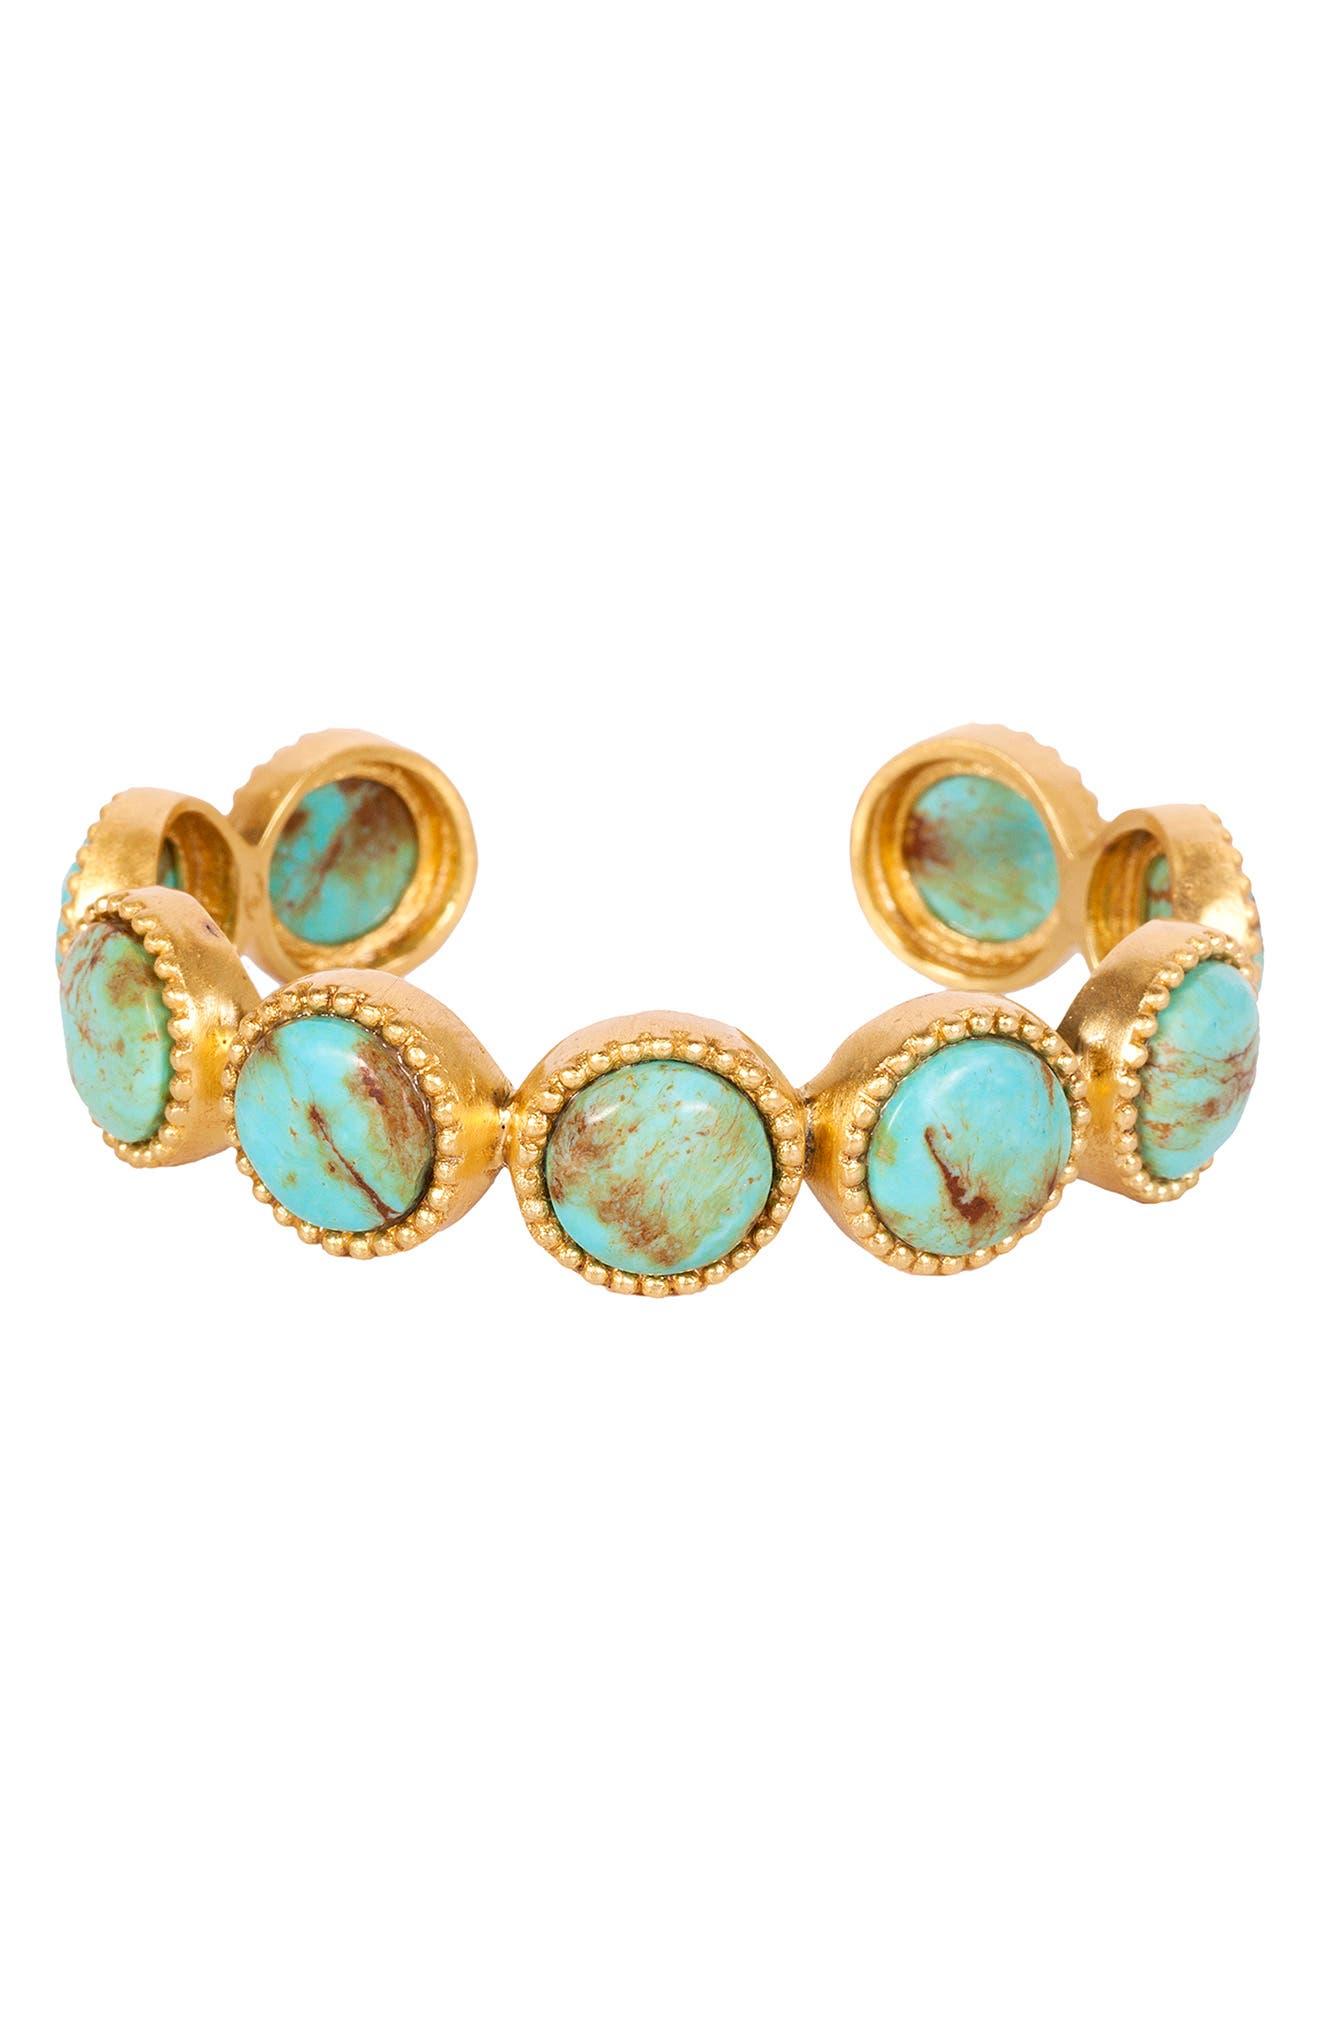 Western Blue Cuff Bracelet